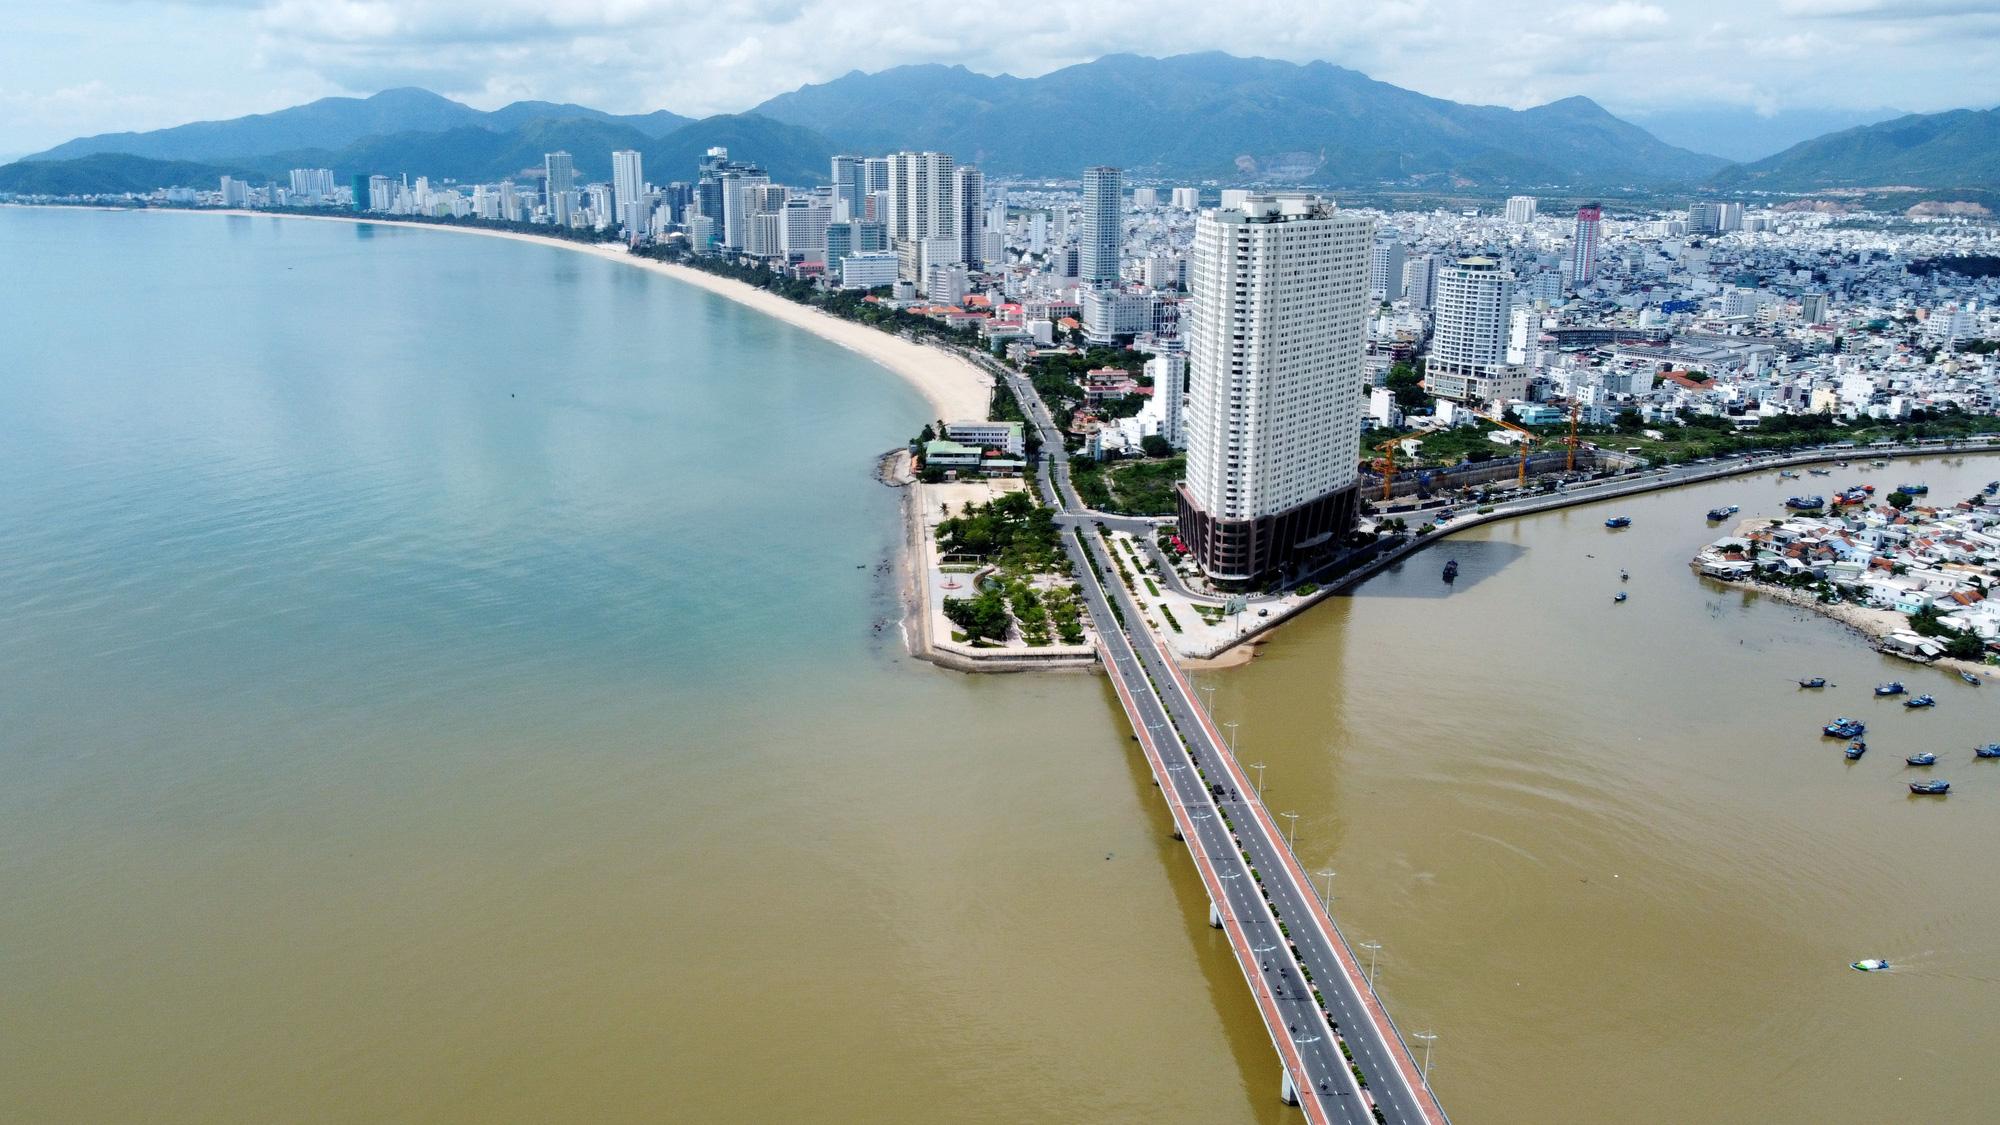 Sau thời condotel bùng nổ, Khánh Hòa trở lại với phân khúc căn hộ cao cấp - Ảnh 1.